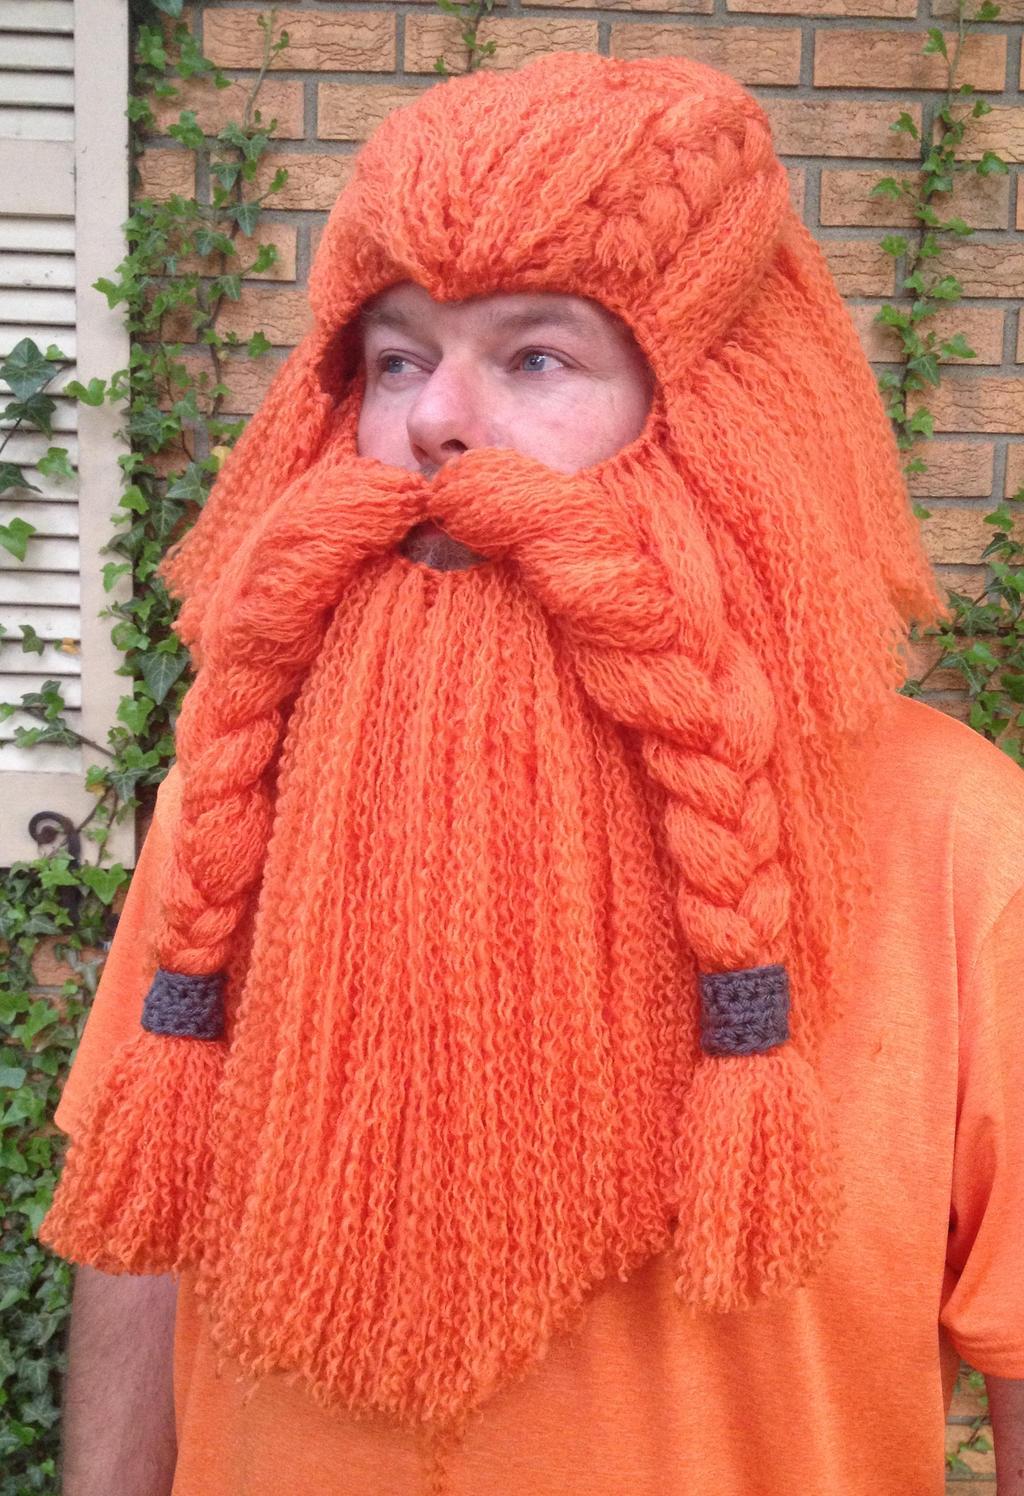 Crochet Dwarf Beard Hat Pattern : Full Dwarf hair and beard by Drgibbs on DeviantArt